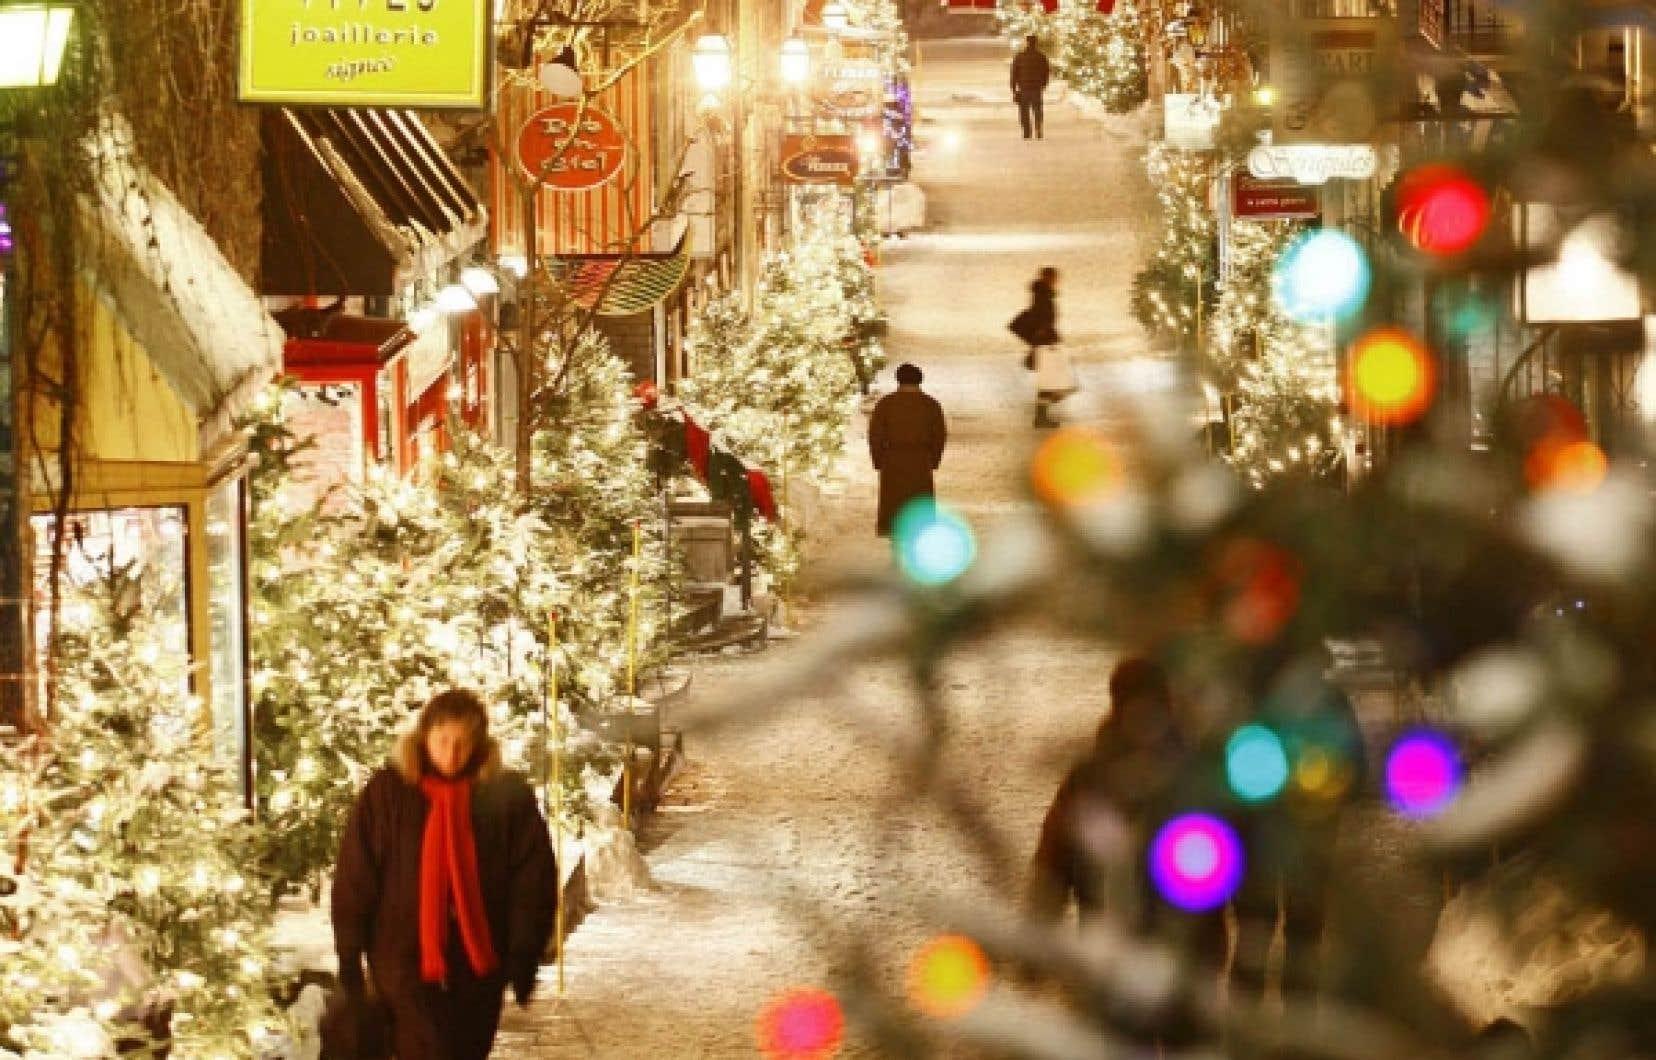 Le quartier du Petit Champlain, à Québec, dans son flamboyant décor de Noël.